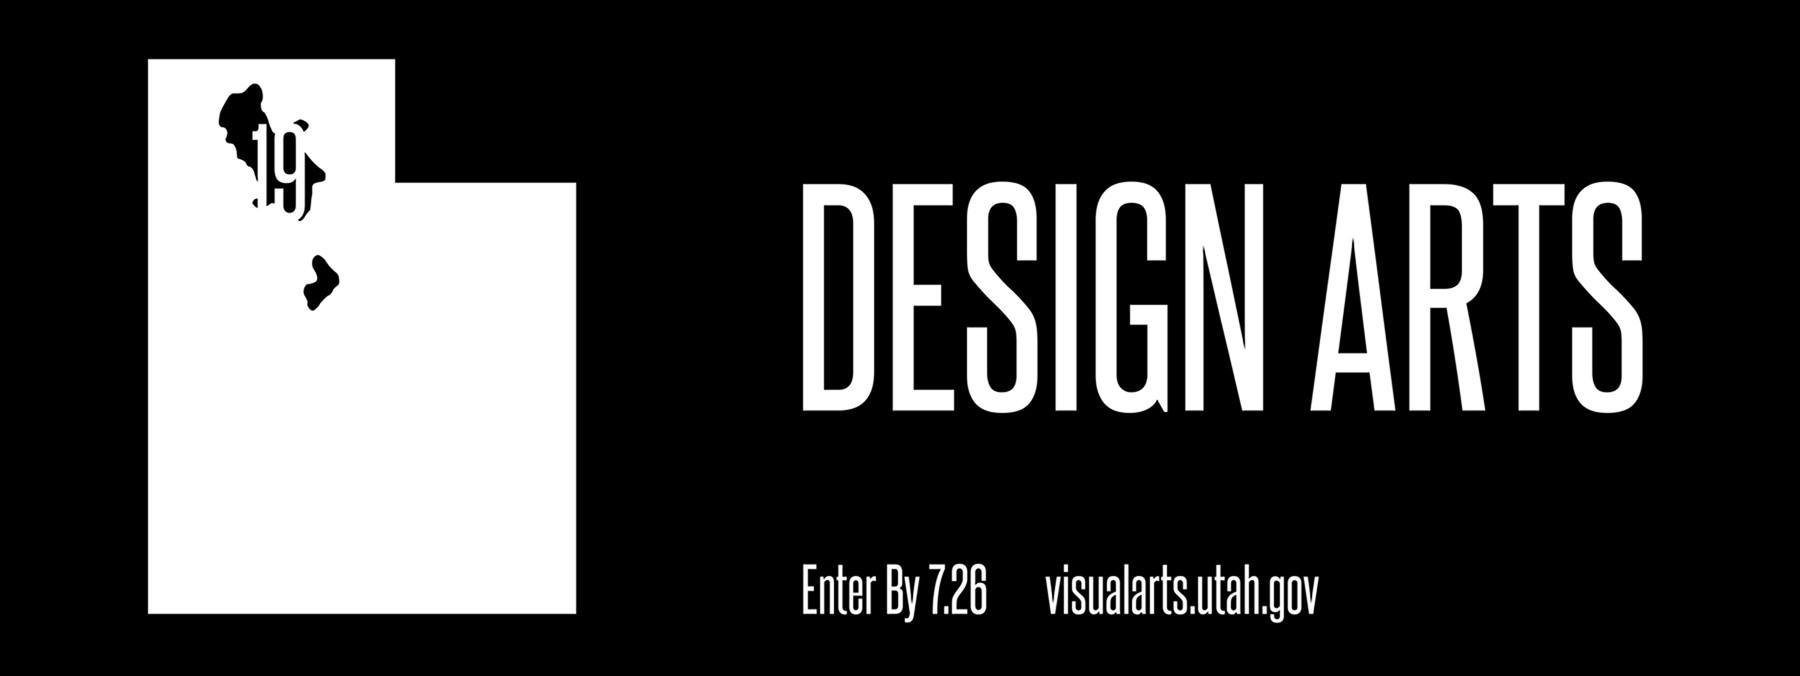 Design Art Utah 2019